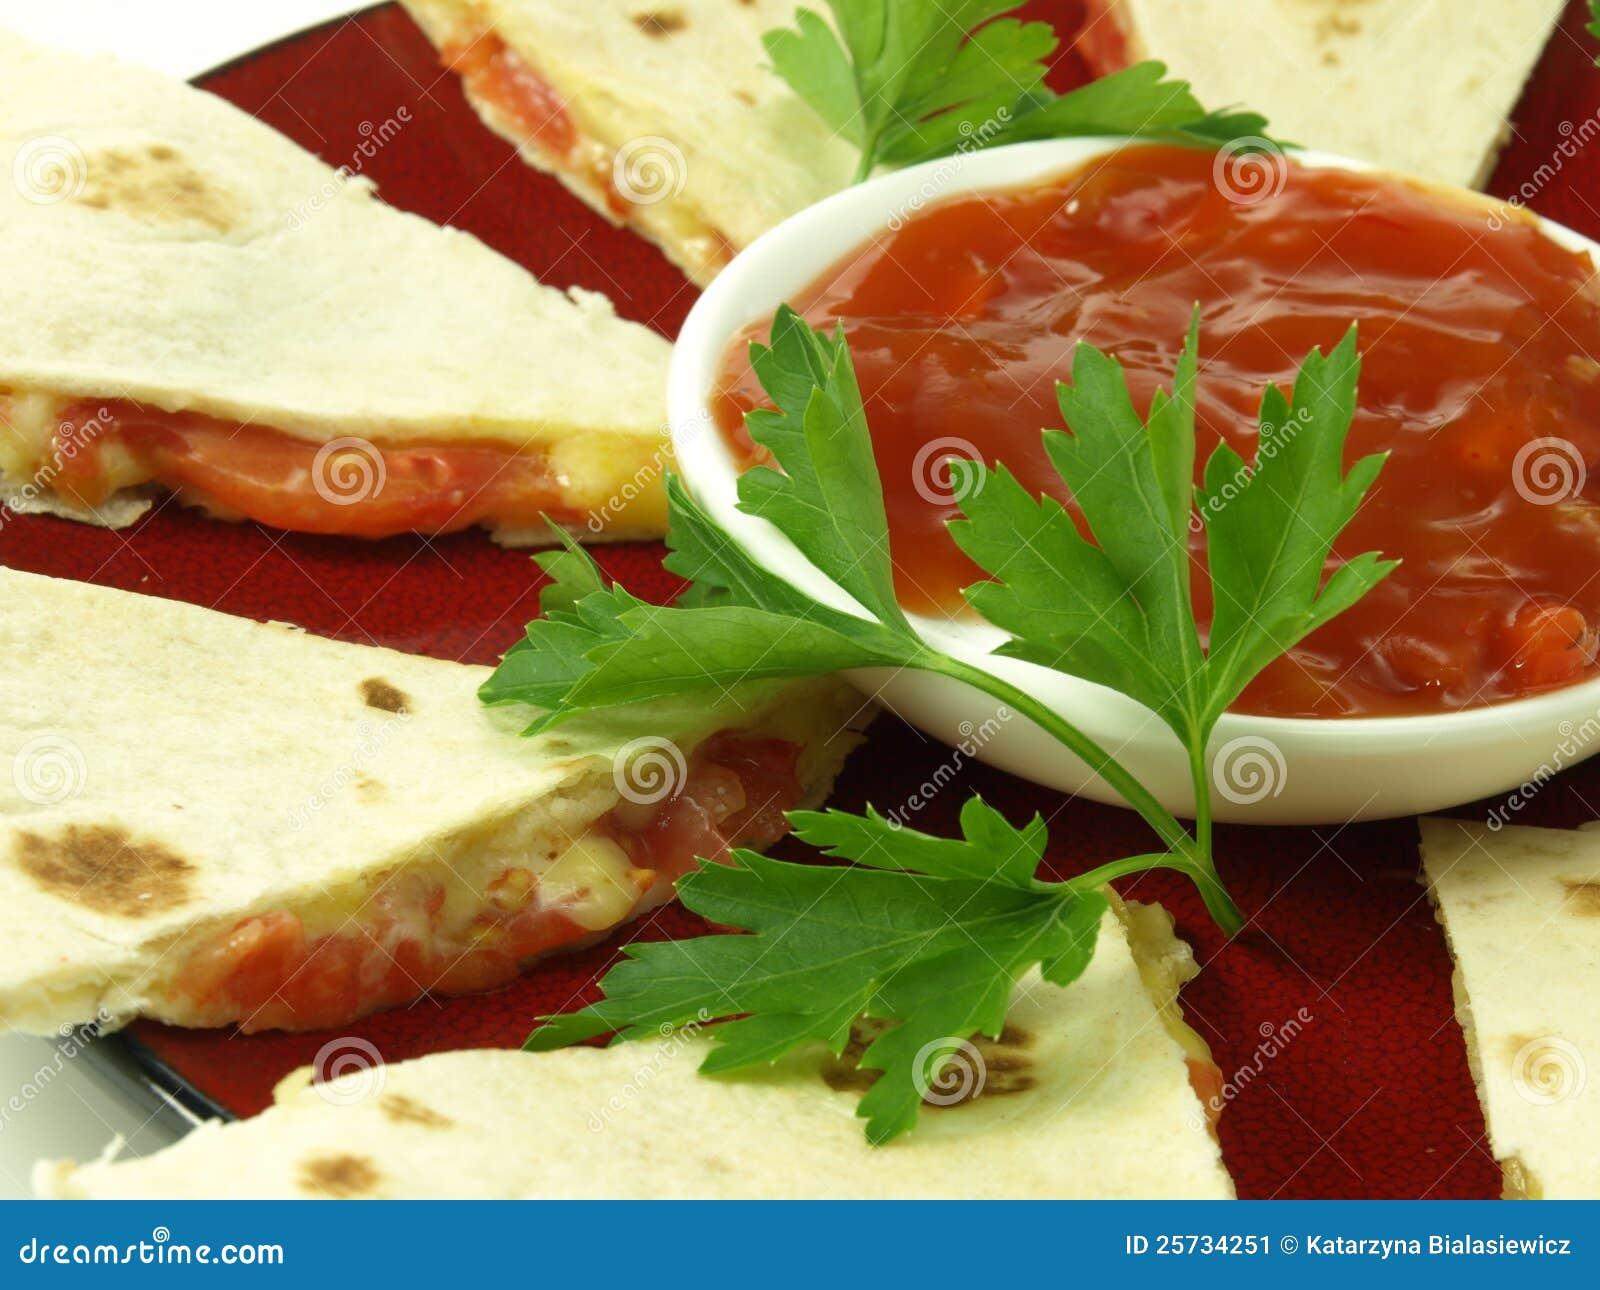 Mexican quesadilla, closeup